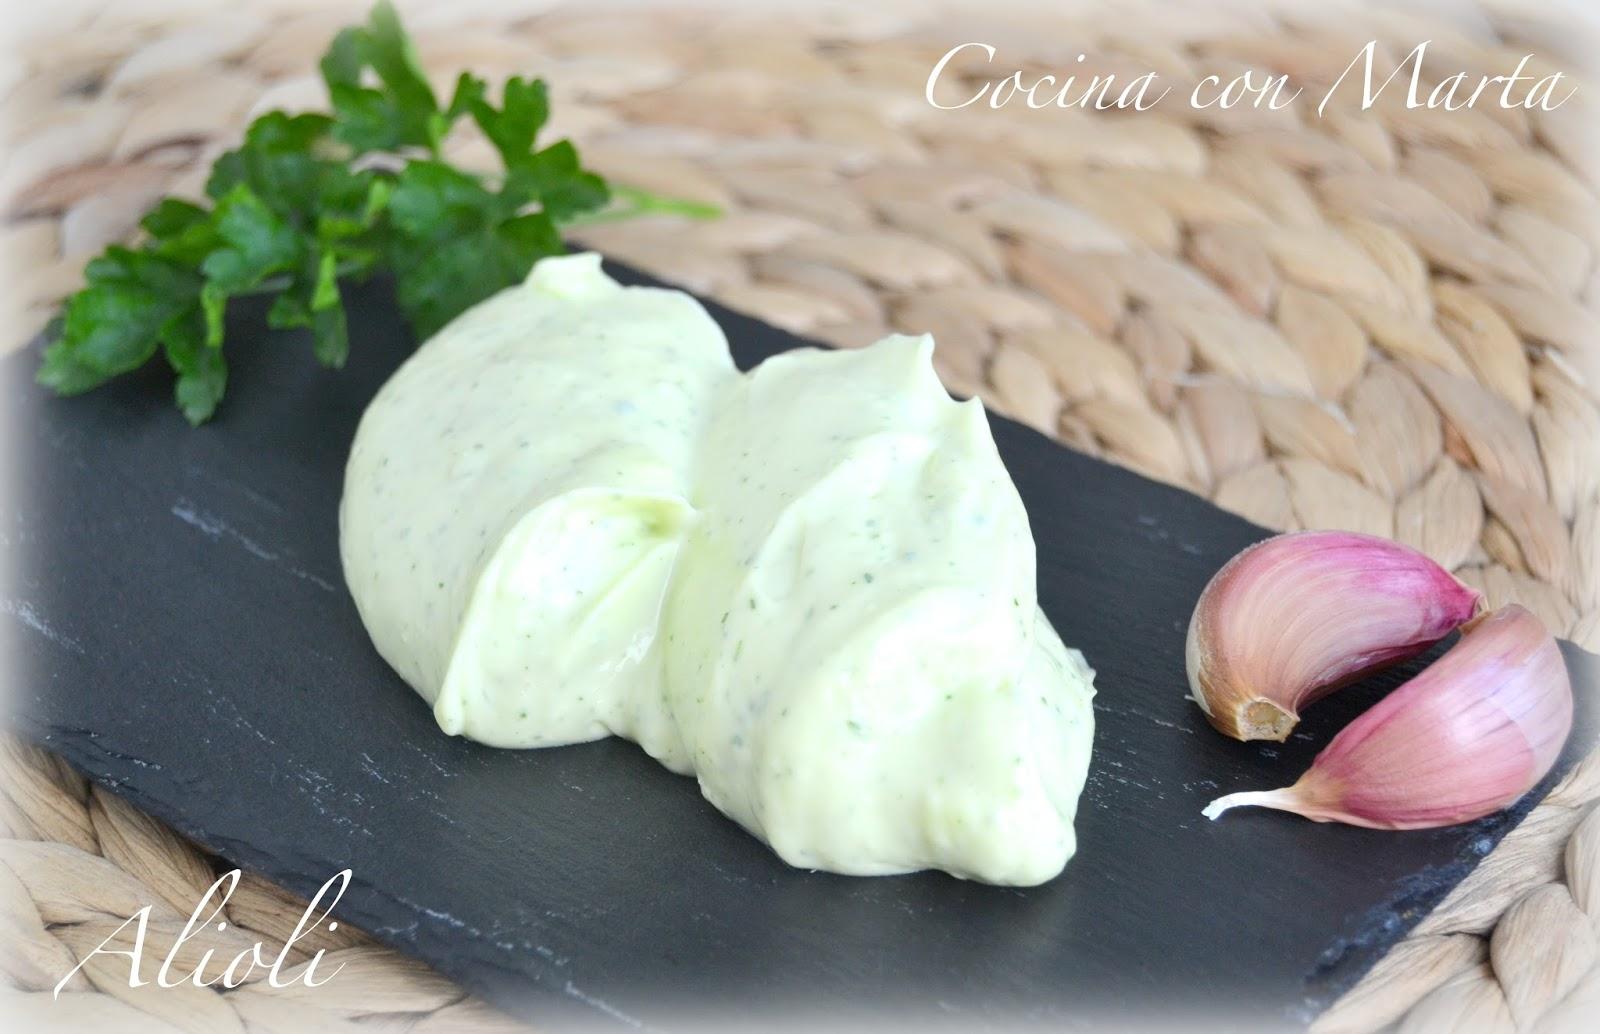 alioli o mayonesa casera con ajo y perejil